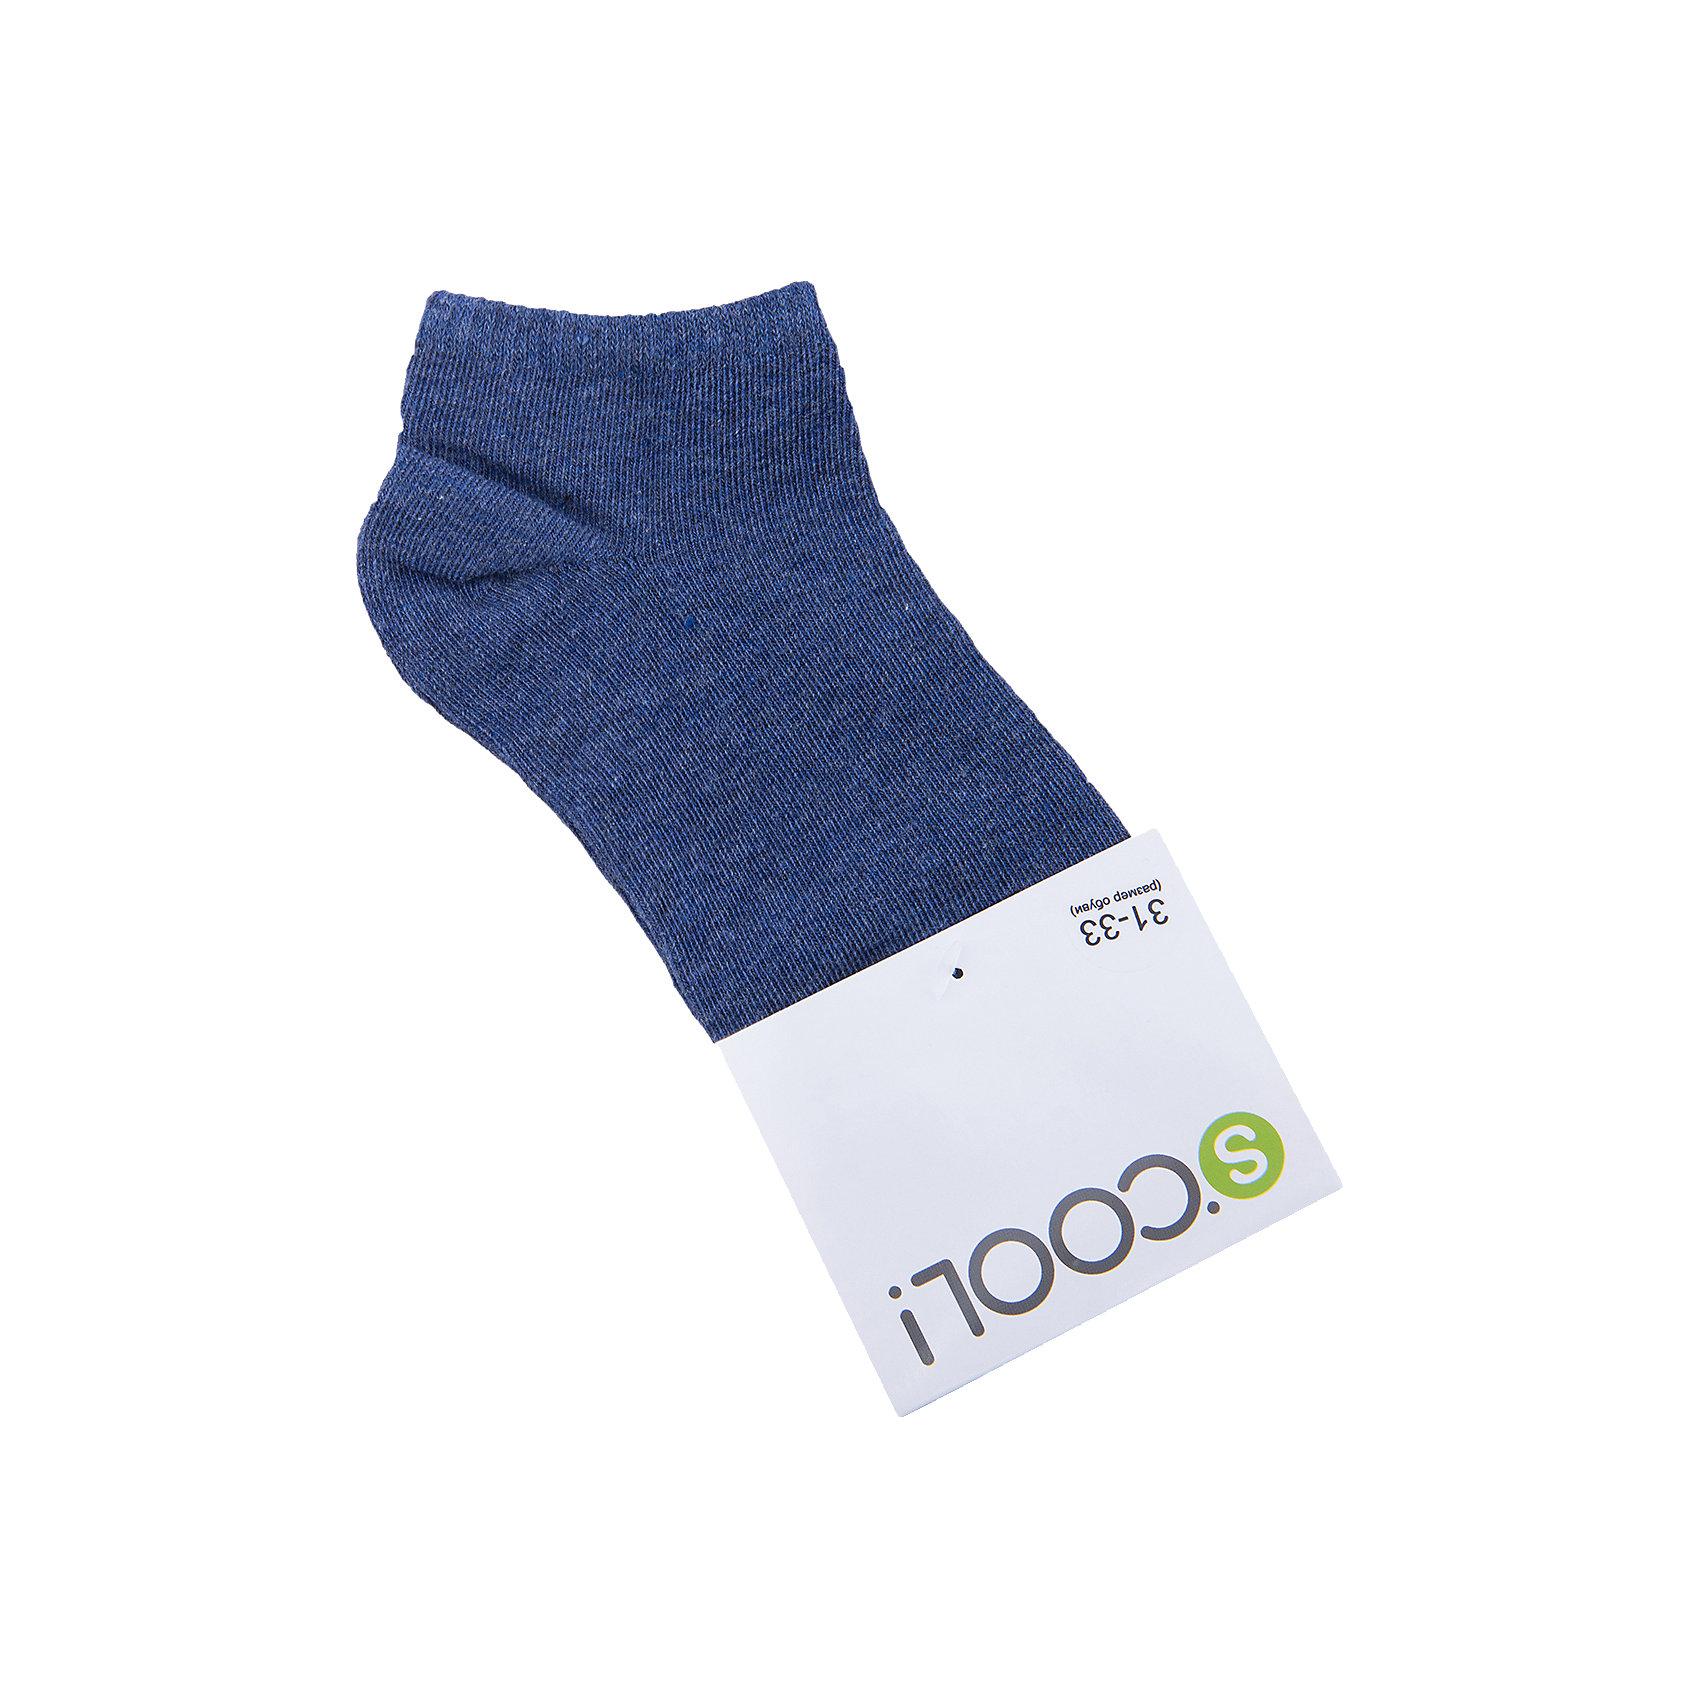 Носки для мальчика ScoolНоски<br>Носки для мальчика Scool<br>Носки очень мягкие, из качественных материалов, приятны к телу и не сковывают движений. Хорошо пропускают воздух, тем самым позволяя коже дышать.  Даже частые стирки, при условии соблюдений рекомендаций по уходу, не изменят ни форму, ни цвет изделий.Преимущества: Мягкие, выполненные из натуральных материалов, приятны к телу, не сковывают движенийХорошо пропускают воздух, позволяя тем самым коже дышатьДаже частые стирки, при условии соблюдений рекомендаций по уходу, не изменят ни форму, ни цвет изделия<br>Состав:<br>75% хлопок, 22% нейлон, 3% эластан<br><br>Ширина мм: 87<br>Глубина мм: 10<br>Высота мм: 105<br>Вес г: 115<br>Цвет: полуночно-синий<br>Возраст от месяцев: 156<br>Возраст до месяцев: 168<br>Пол: Мужской<br>Возраст: Детский<br>Размер: 24,20,22<br>SKU: 5406778